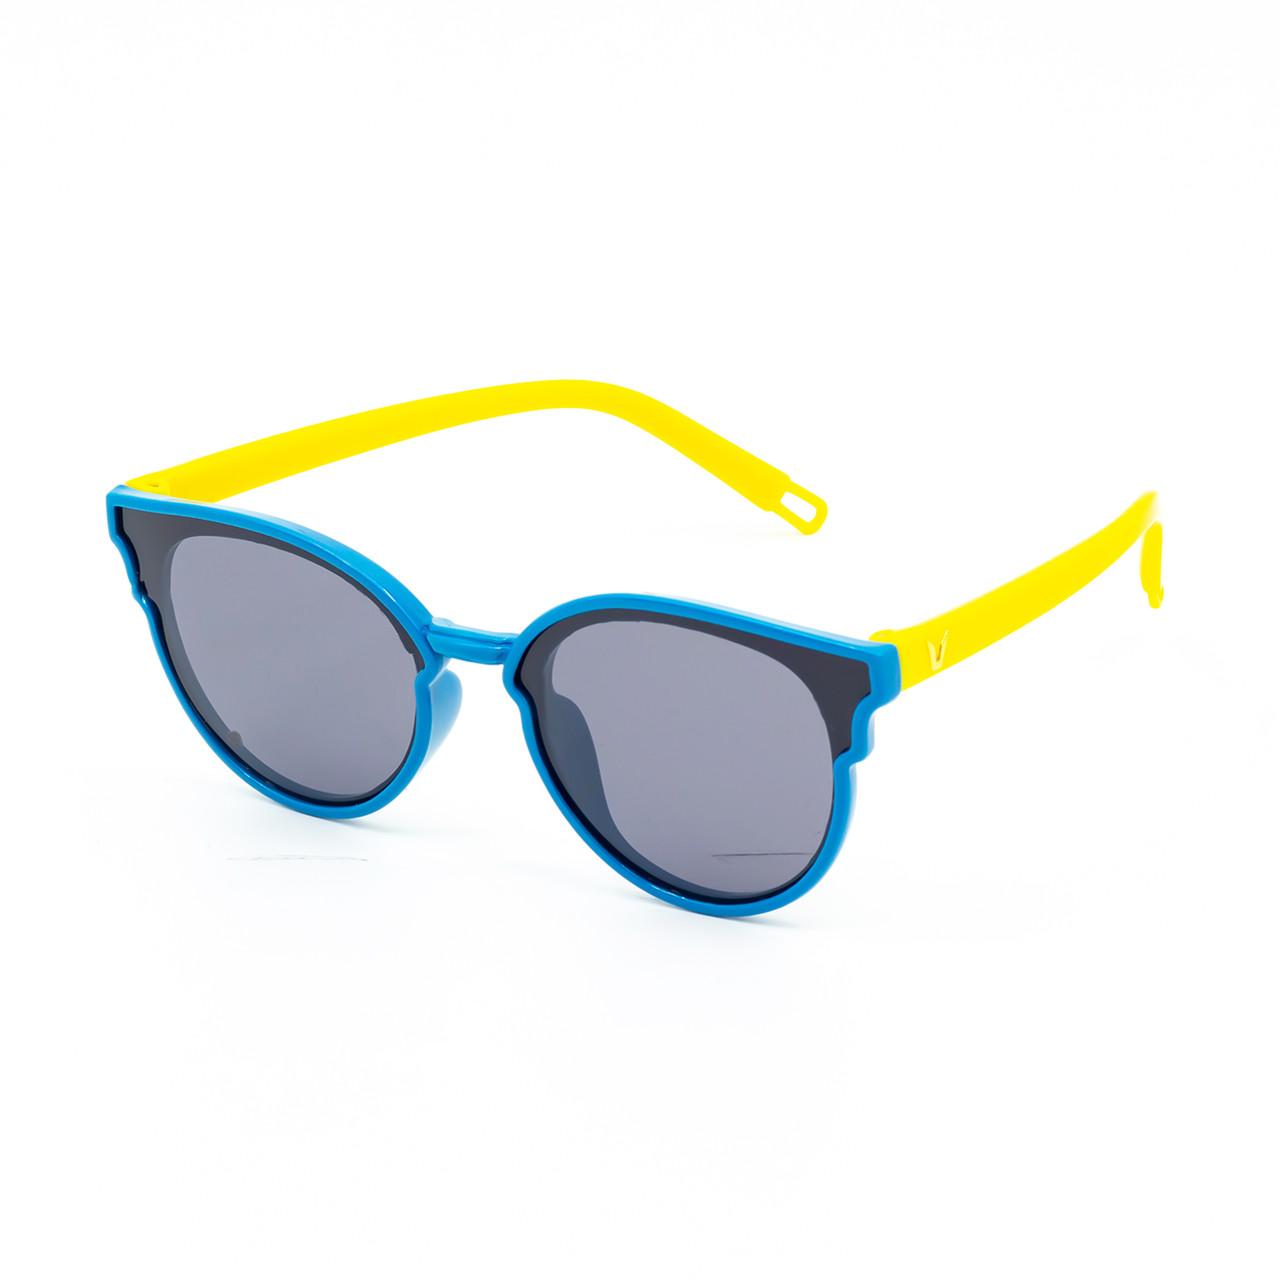 Солнцезащитные очки Marmilen P17125 C6 голубые с желтым ( KAP17125-06 )